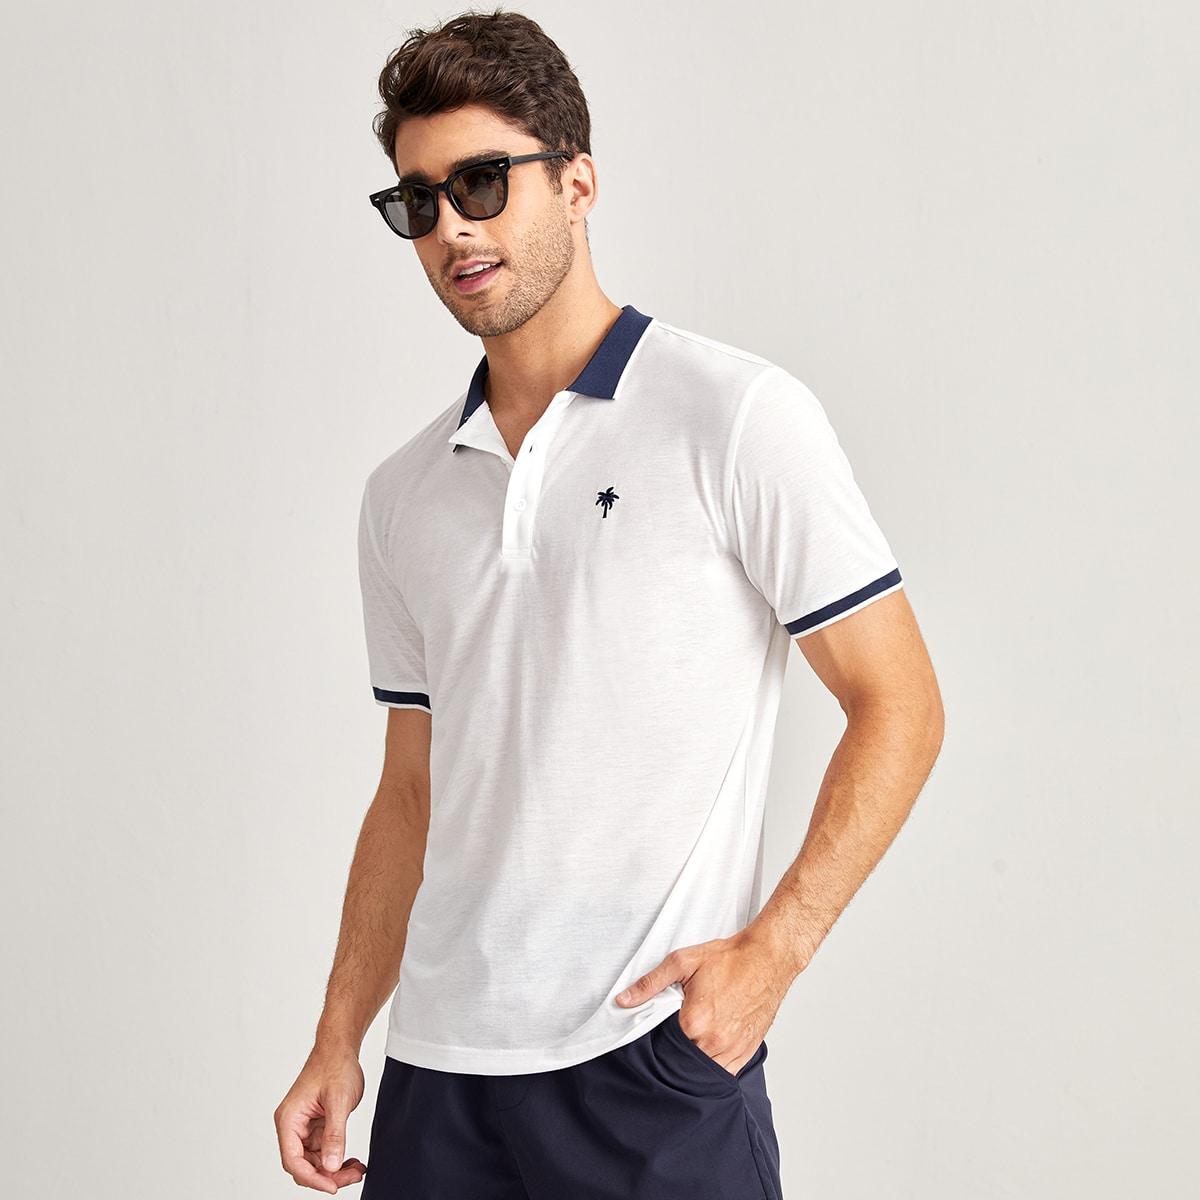 Мужской Рубашка-поло пальмы вышивкой